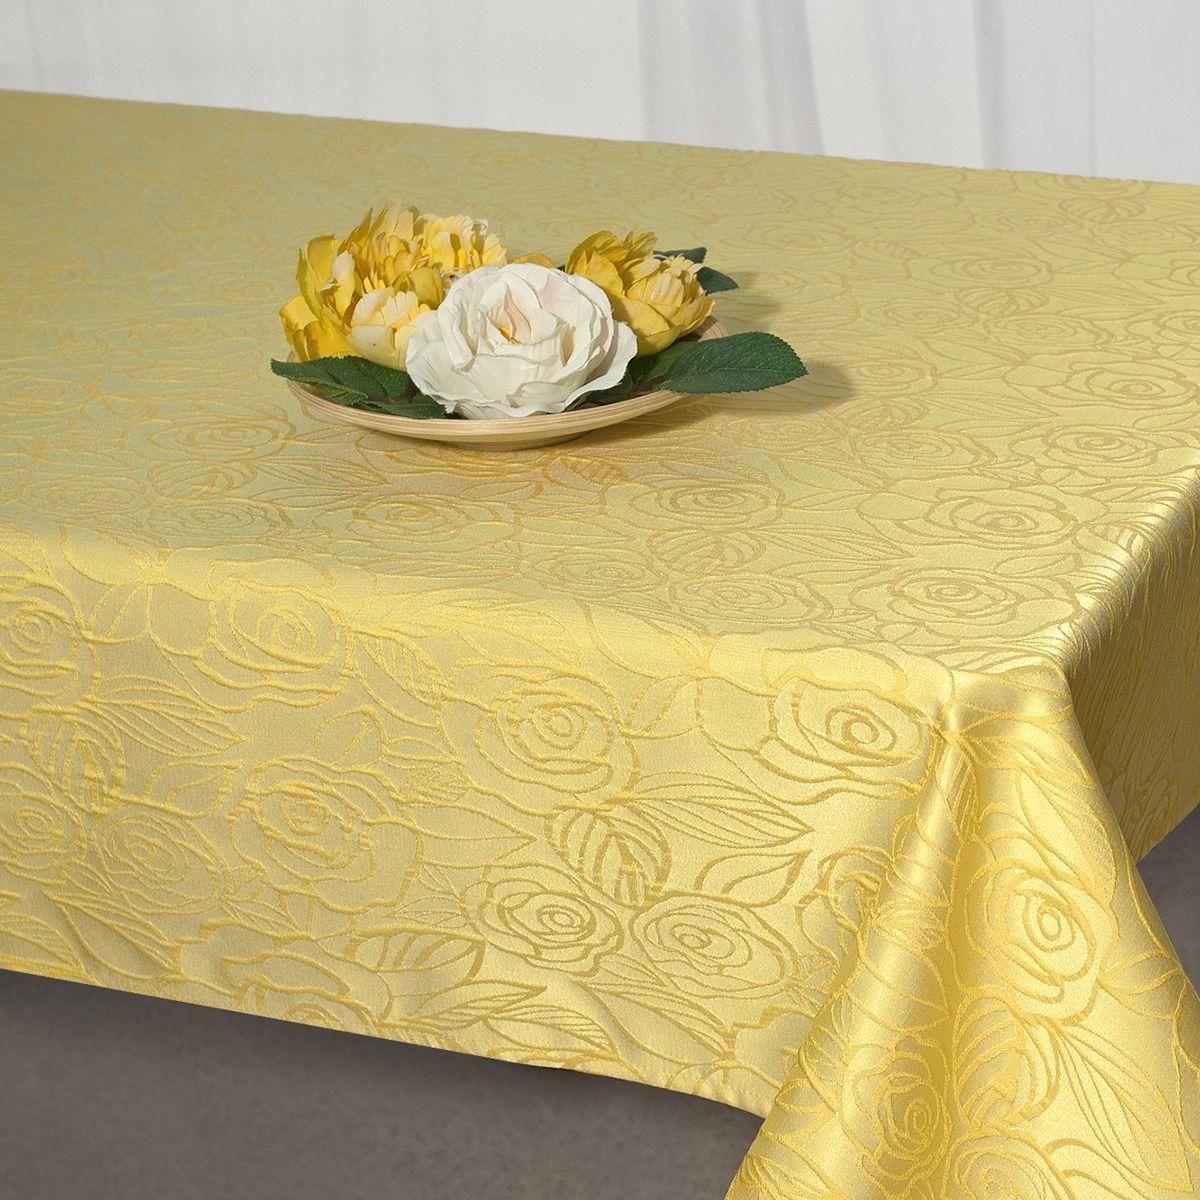 Скатерть Schaefer, прямоугольная, цвет: желтый, 130 x 160 см. 07549-427 schaefer